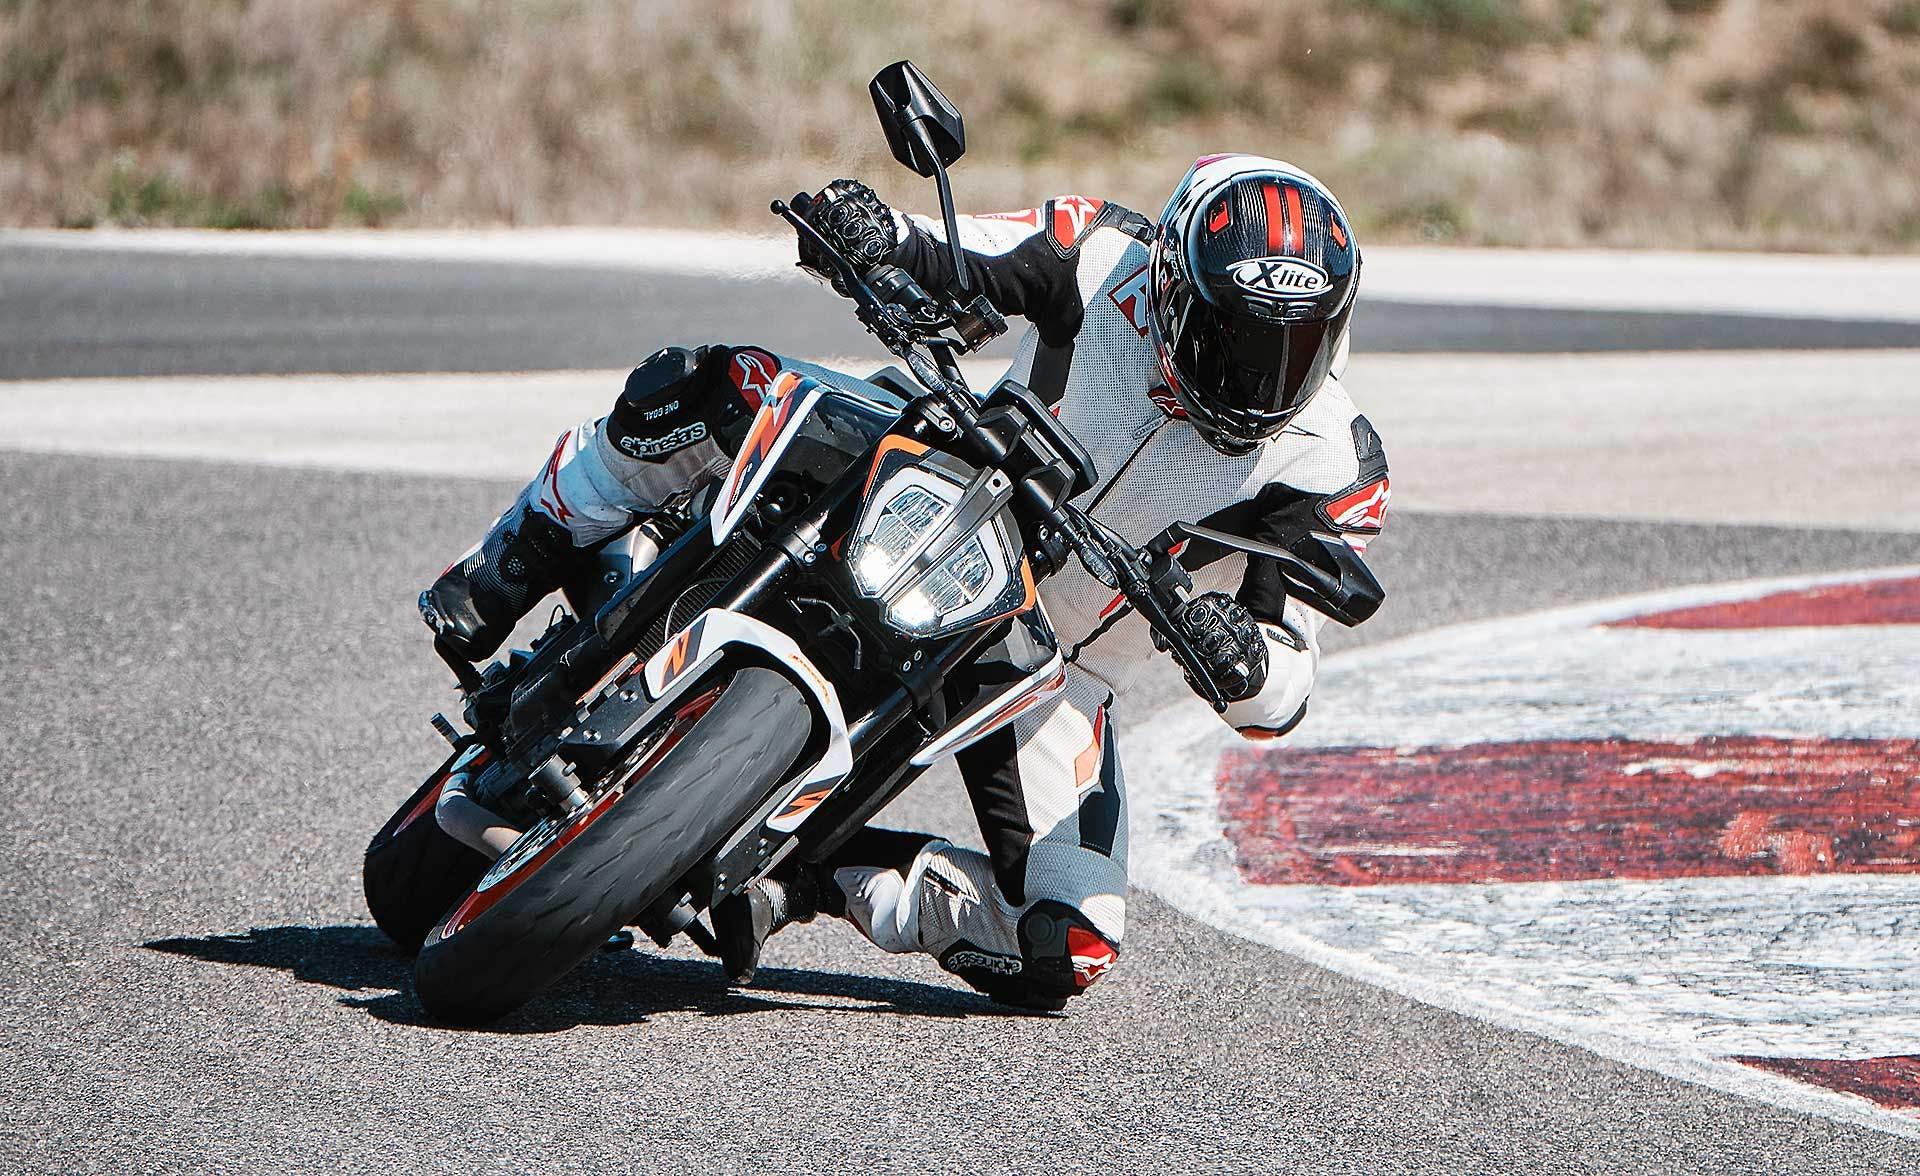 Pirelli Diablo Rosso IV In azione in pista con KTM Duke 890 R